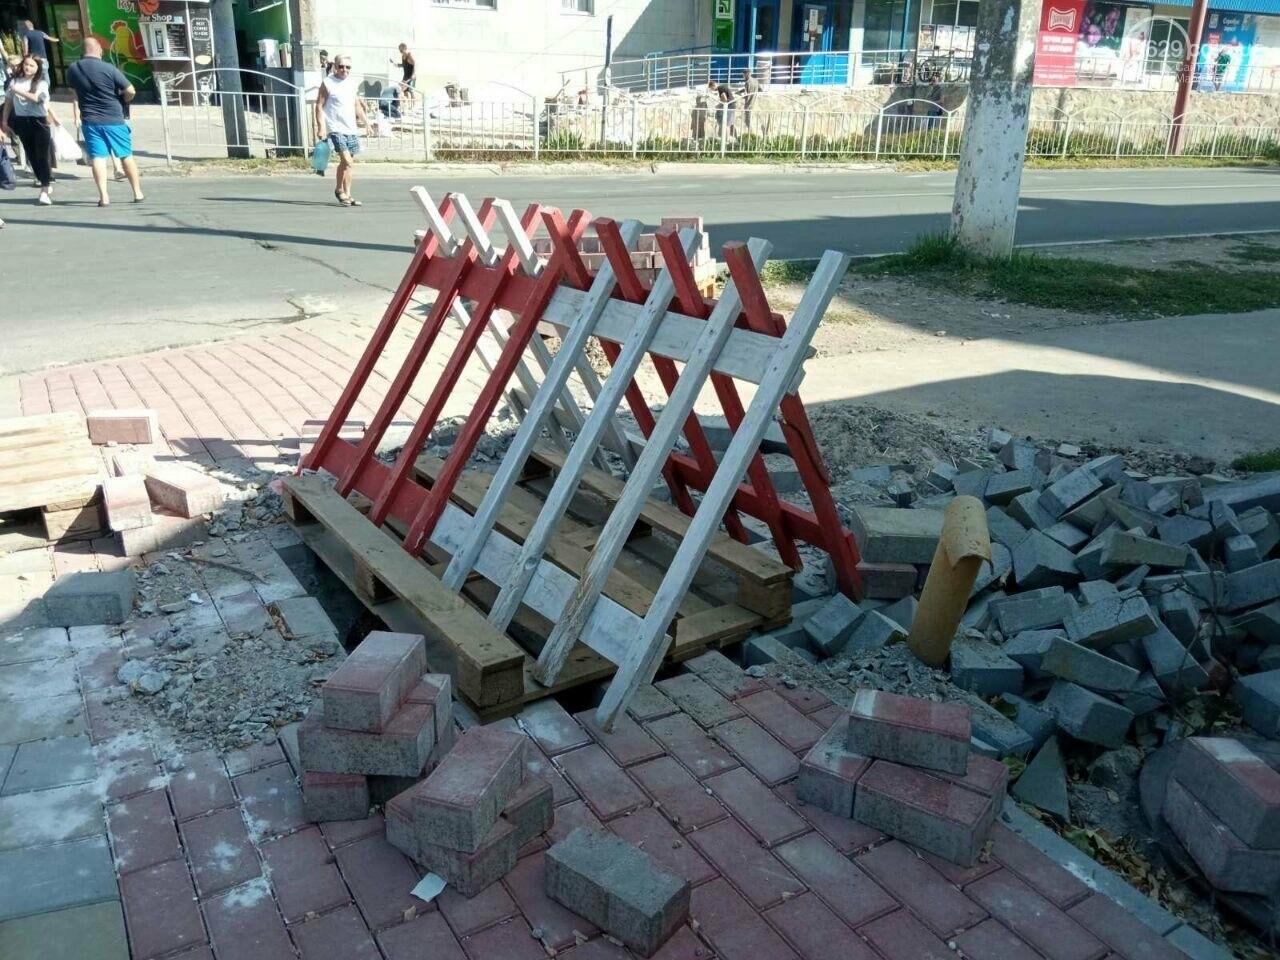 """""""Обошлось - много, меняем, потому что надо"""".  Как реконструируют проспект Строителей в Мариуполе, - ФОТОРЕПОРТАЖ, фото-1"""